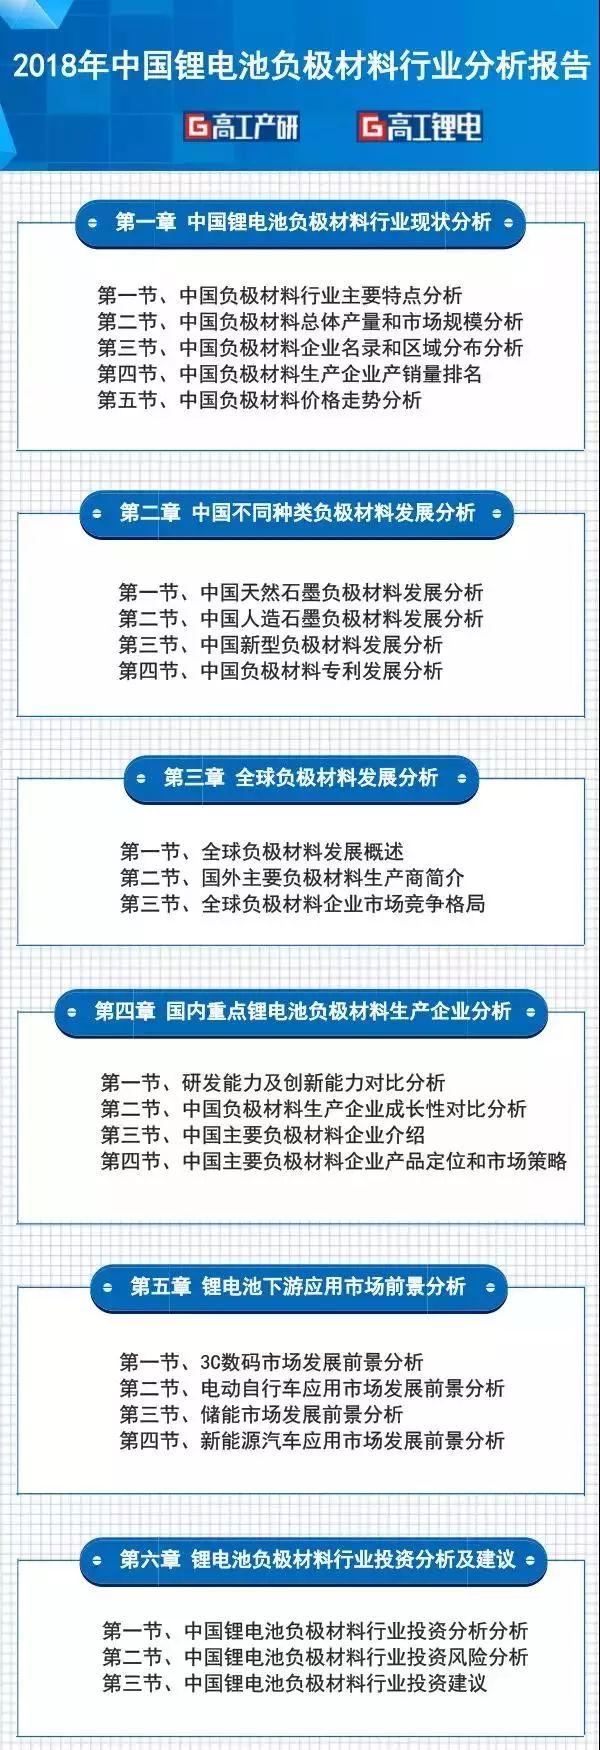 中国锂电池产量持续增长原因及市场格局分析